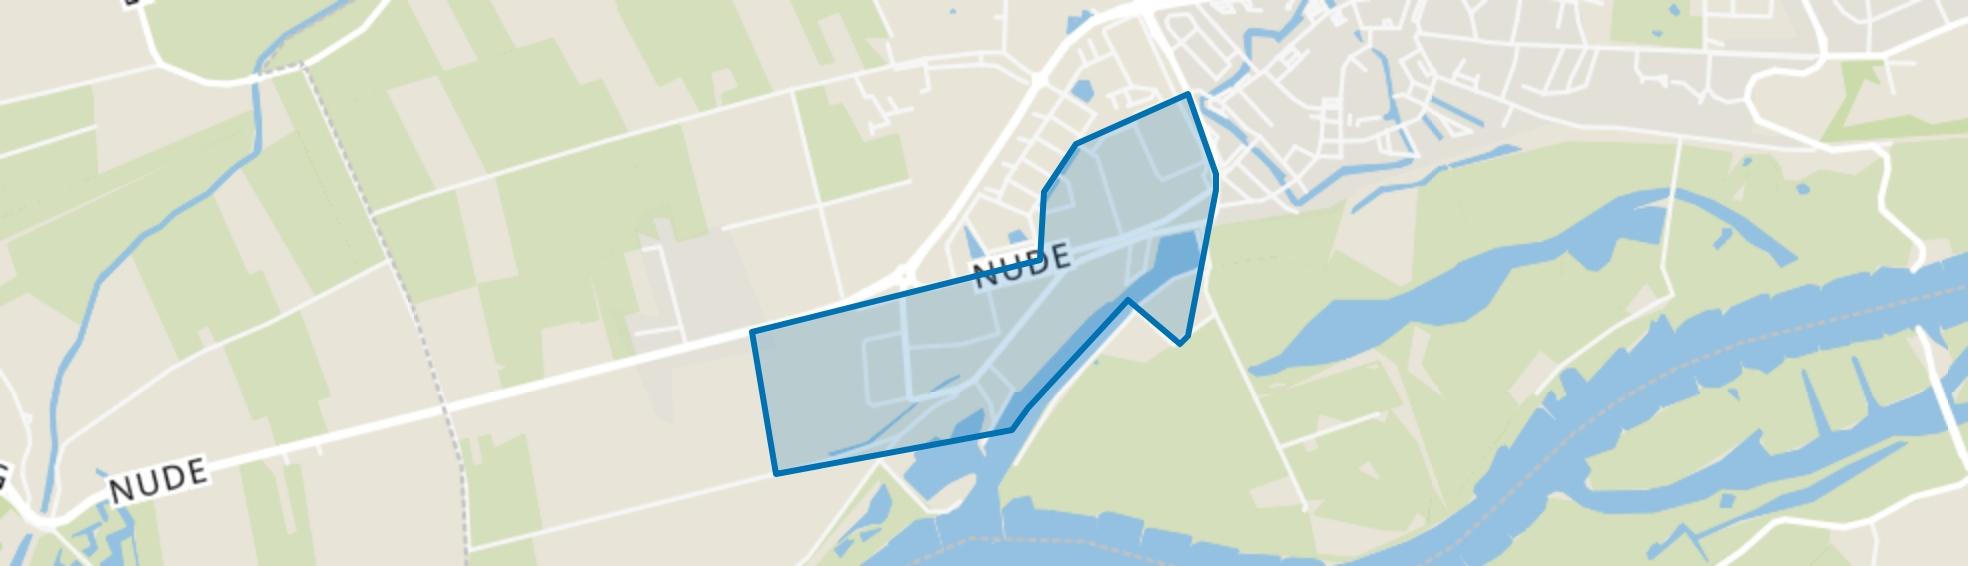 Nudepark, Rijnhaven en Industrieweg, Wageningen map